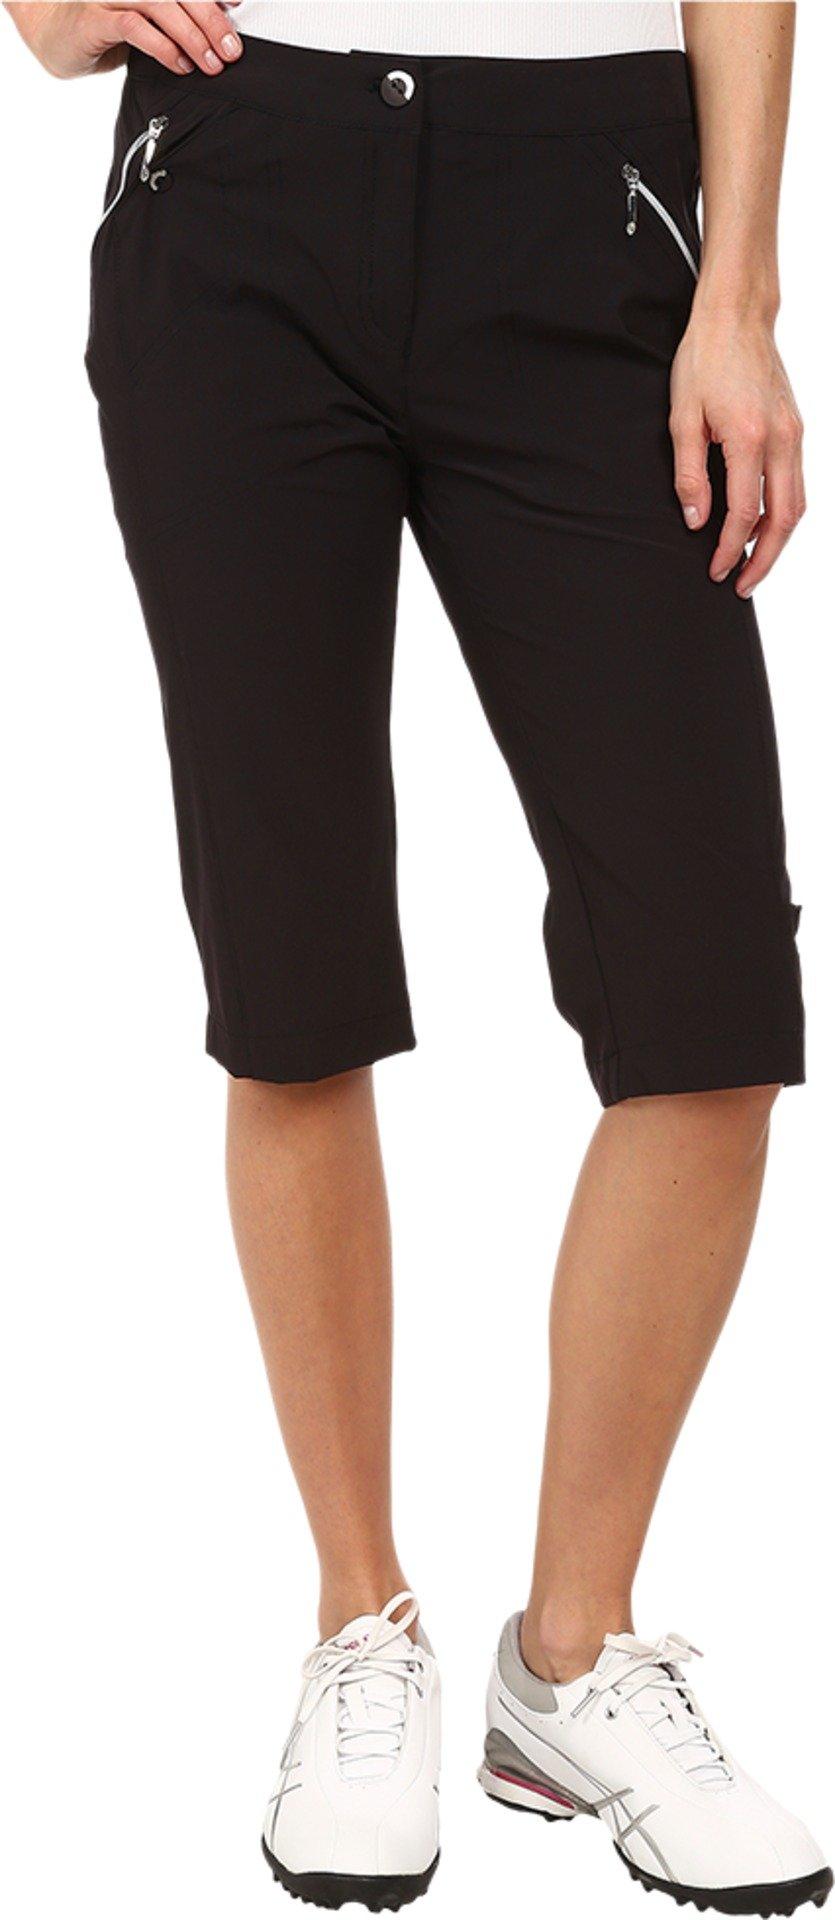 Jamie Sadock Women's Airwear Light Weight 24 in. Knee Capri Jet Black Pants 6 X 15